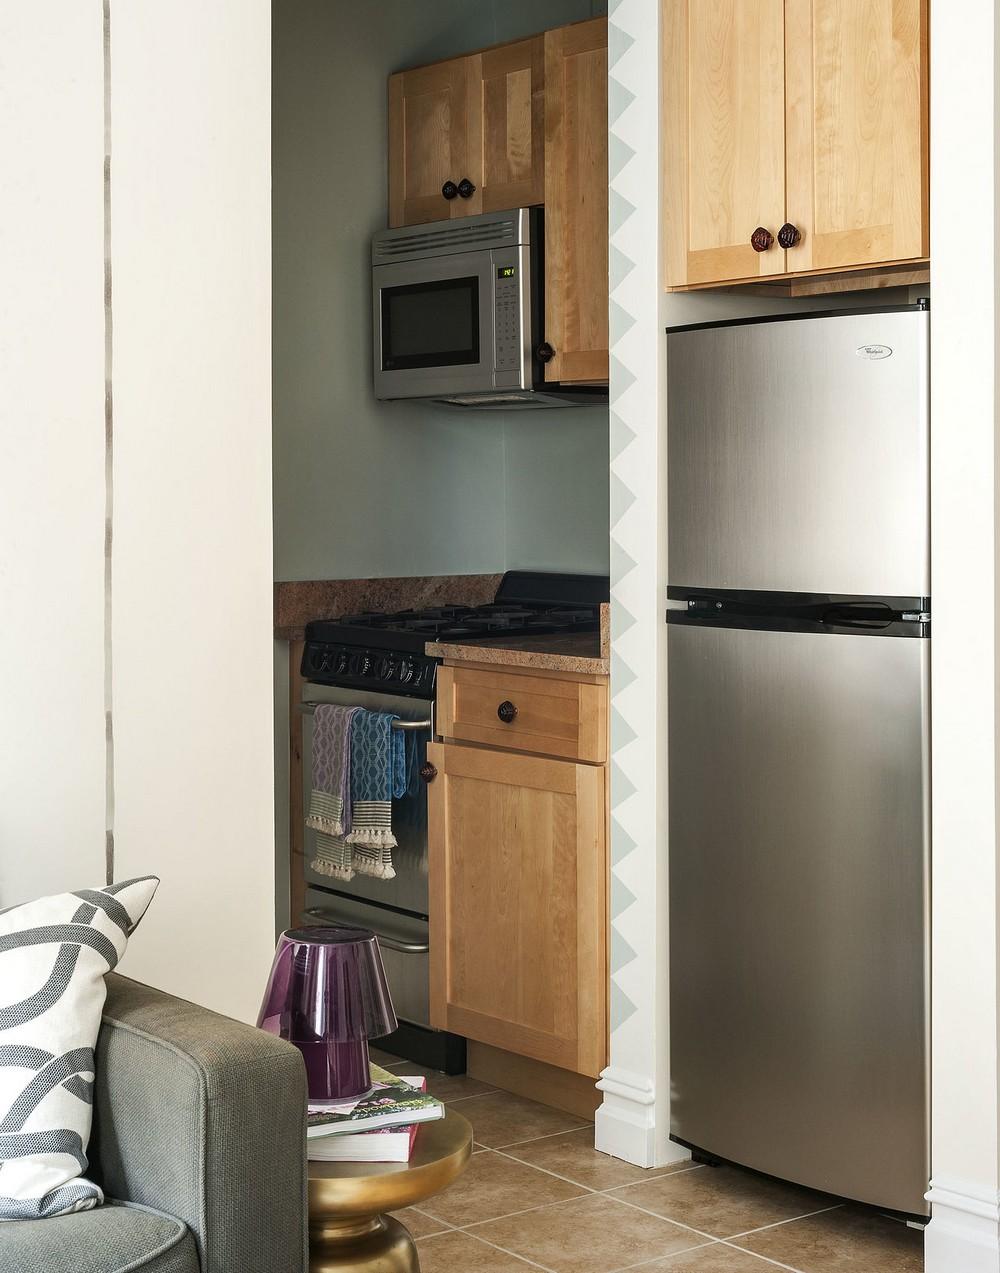 Интерьер квартиры-студии - зона кухни